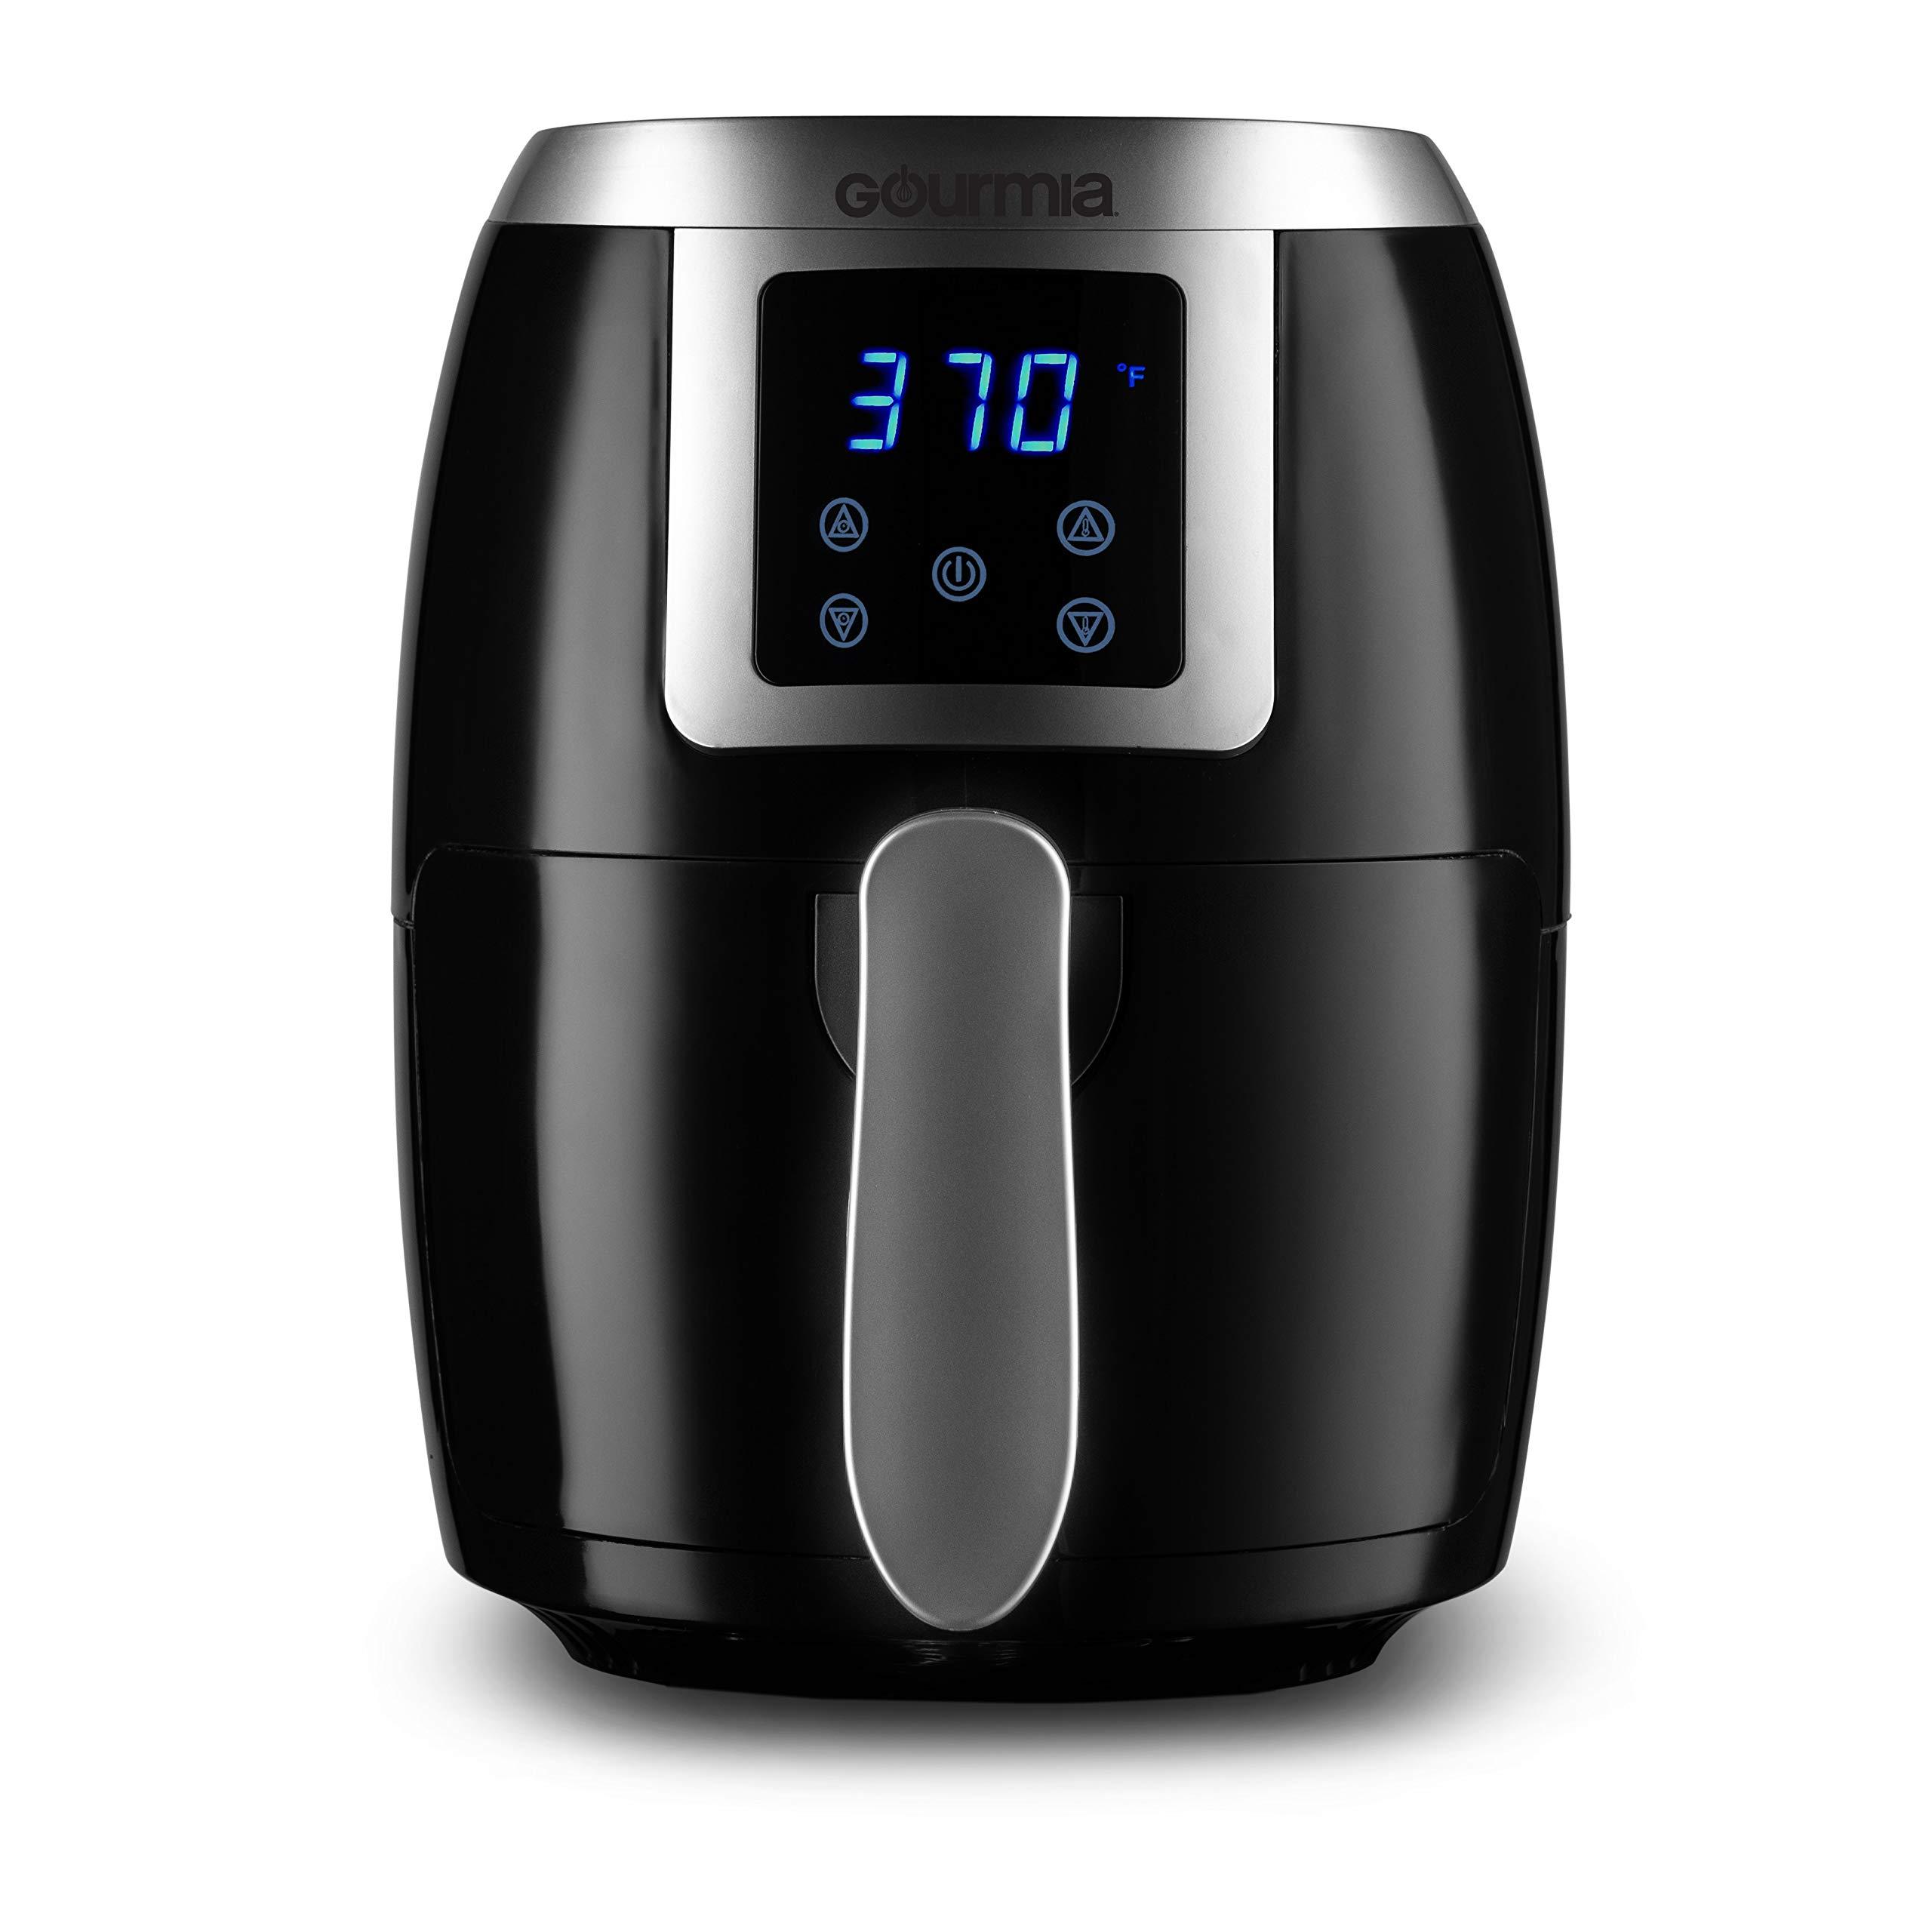 Gourmia GAF228 Digital Fryer Dishwasher Safe